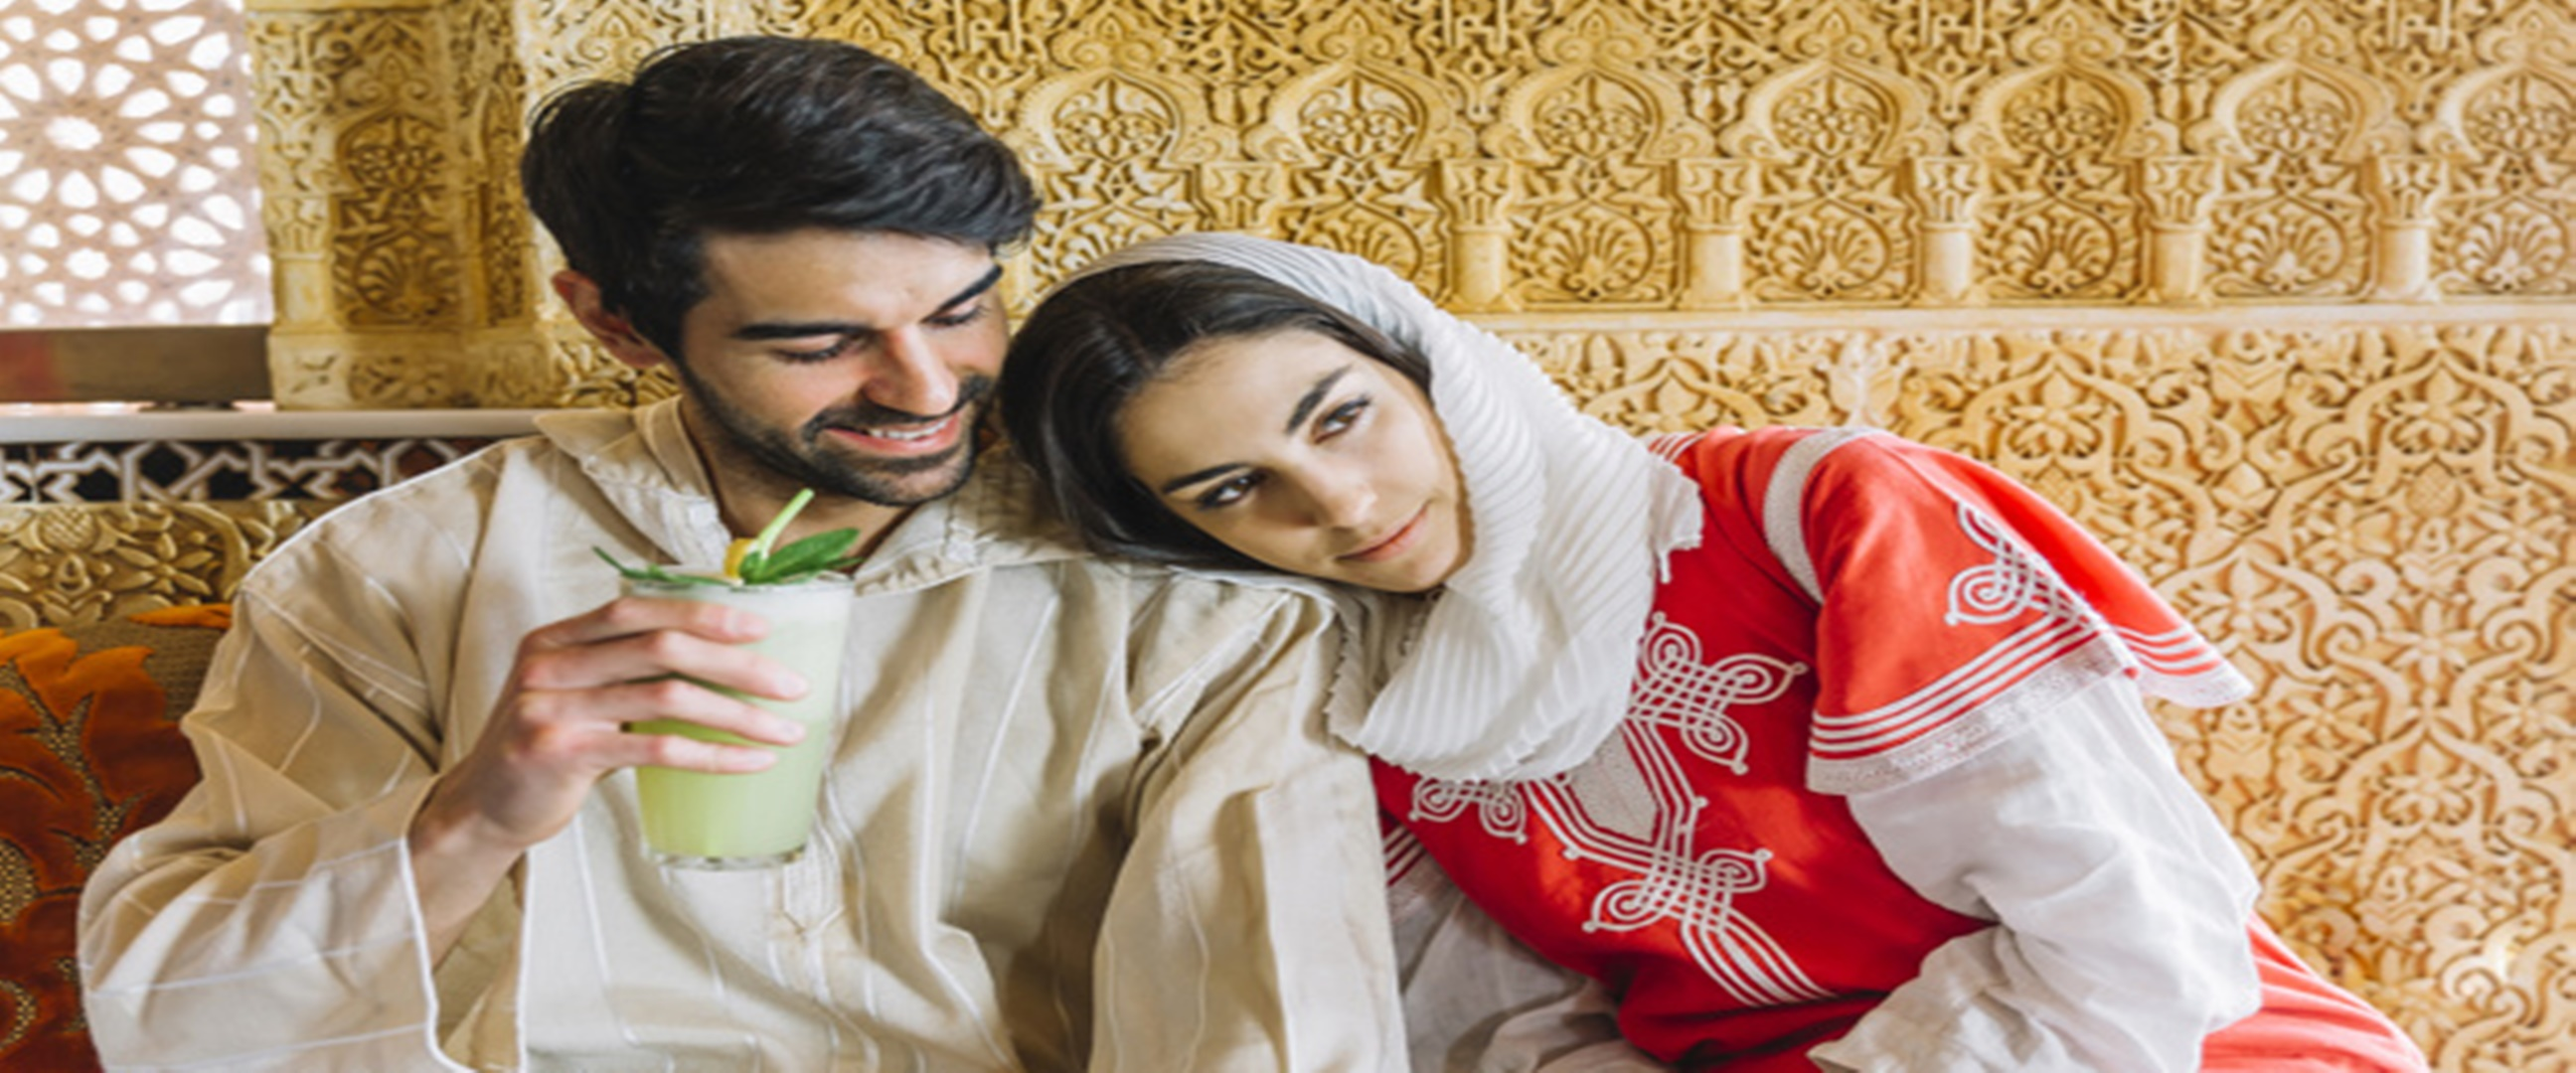 Doa dan adab berhubungan intim suami istri menurut Islam